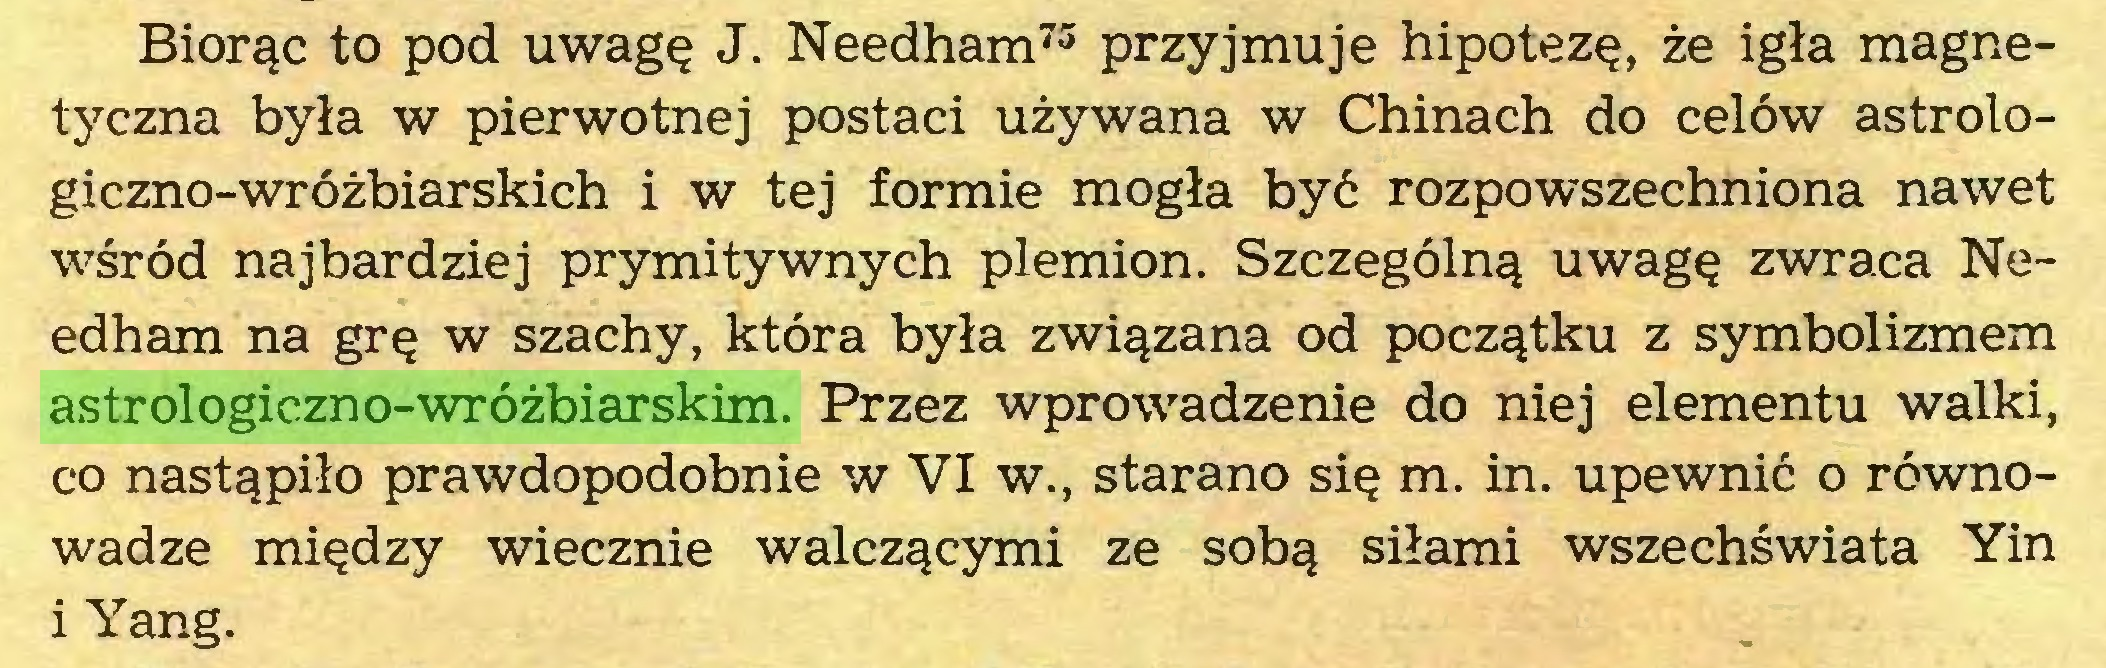 (...) Biorąc to pod uwagę J. Needham73 przyjmuje hipotezę, że igła magnetyczna była w pierwotnej postaci używana w Chinach do celów astrologiczno-wróżbiarskich i w tej formie mogła być rozpowszechniona nawet wśród najbardziej prymitywnych plemion. Szczególną uwagę zwraca Needham na grę w szachy, która była związana od początku z symbolizmem astrologiczno-wróżbiarskim. Przez wprowadzenie do niej elementu walki, co nastąpiło prawdopodobnie w VI w., starano się m. in. upewnić o równowadze między wiecznie walczącymi ze sobą siłami wszechświata Yin i Yang...